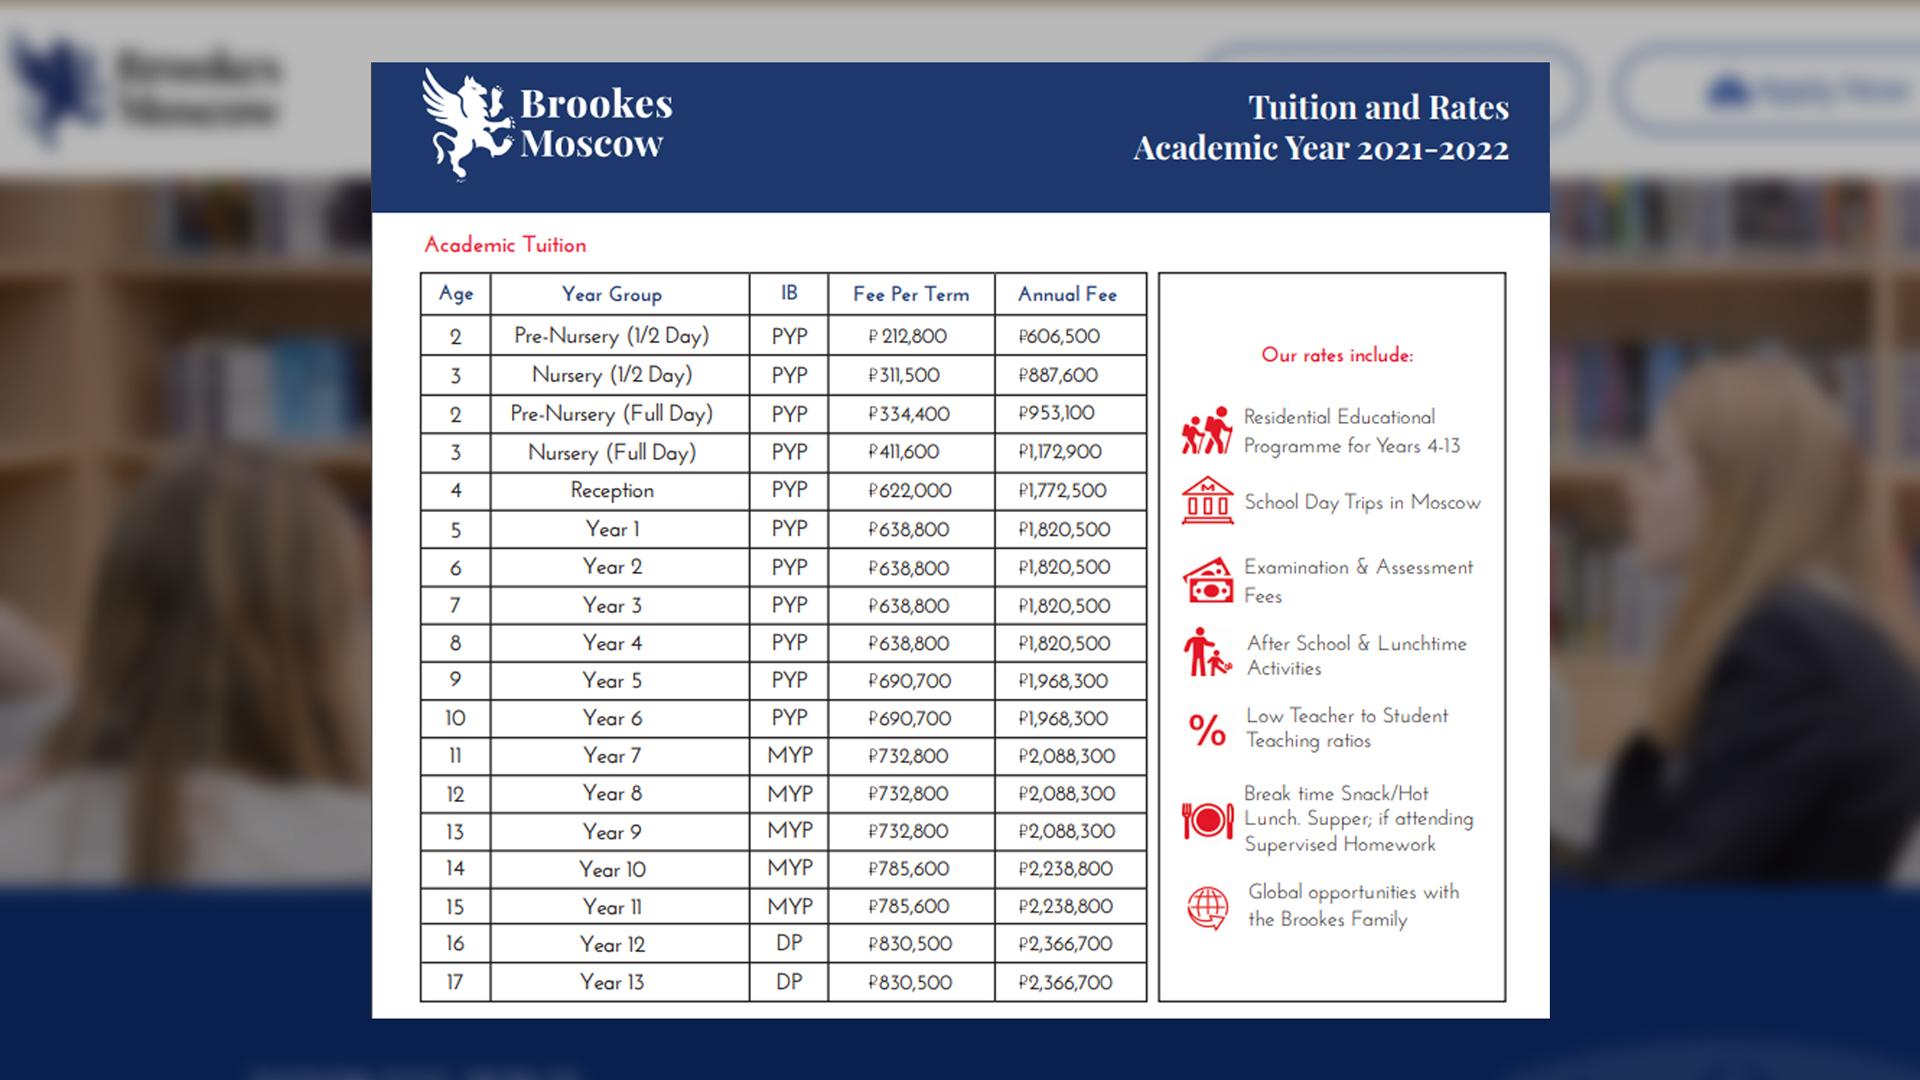 Стоимость годового обучения в Brookes доходит до 2 366 700 рублей за год. © moscow.brookes.org